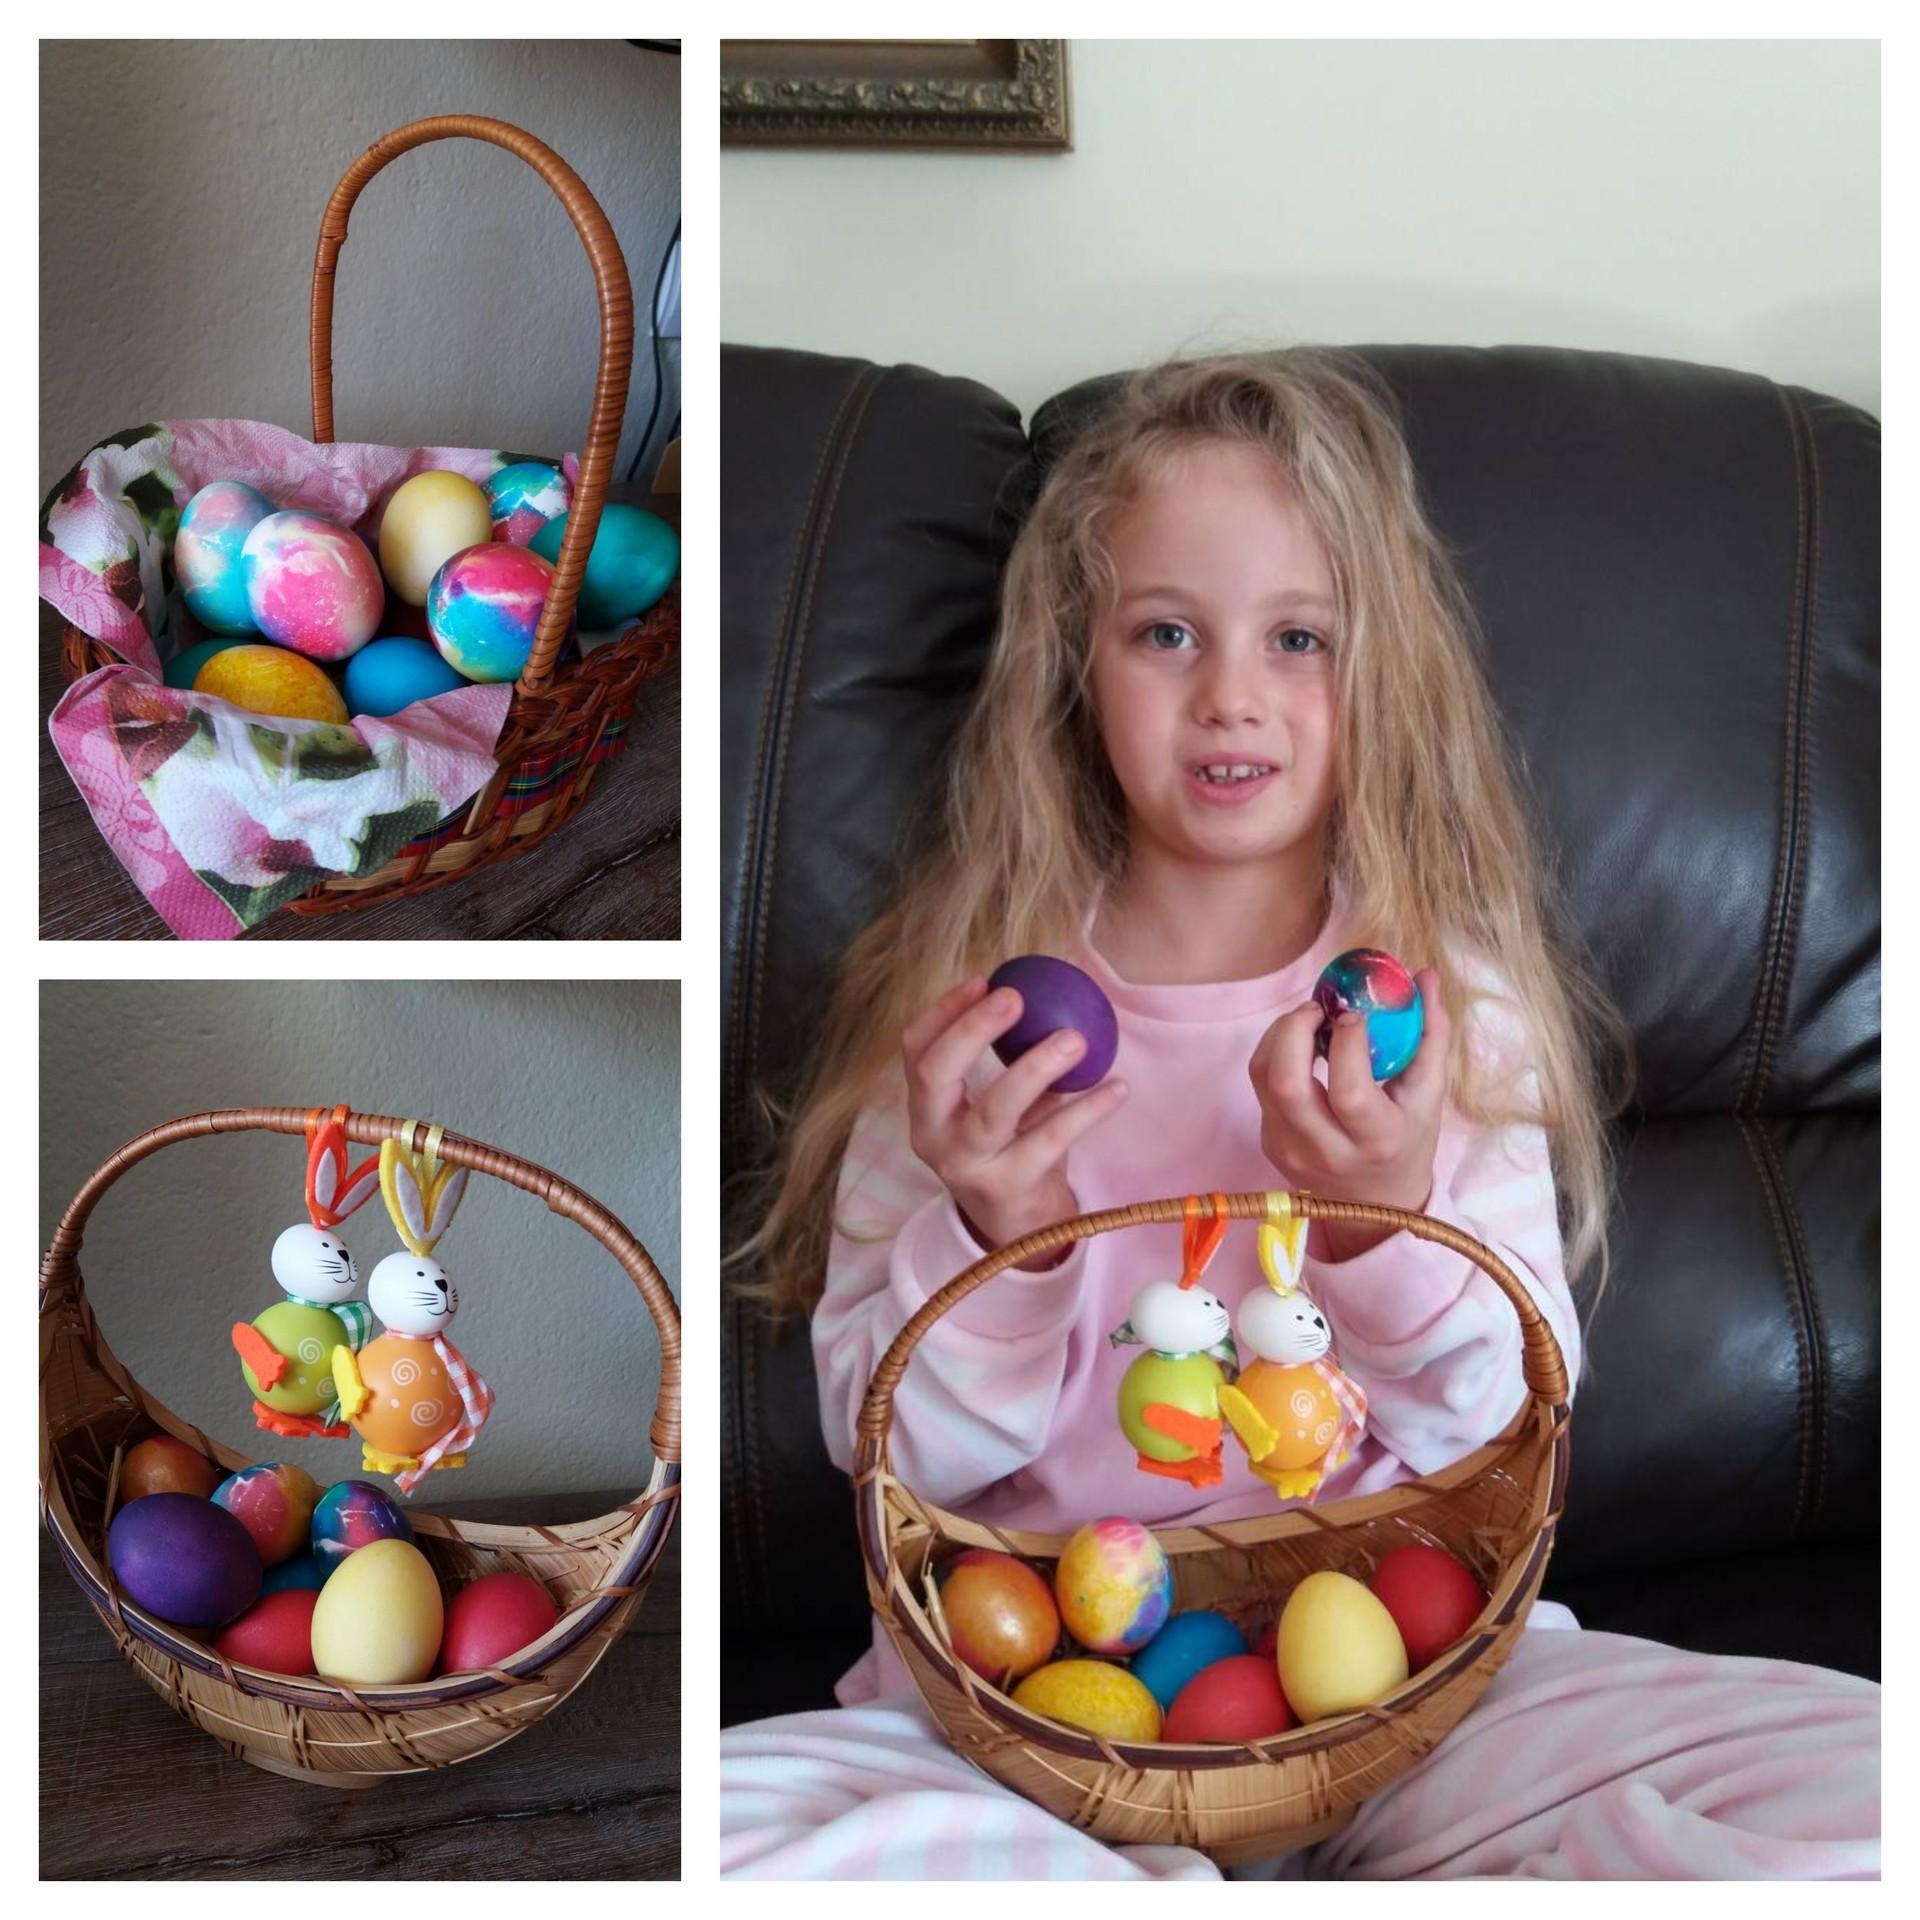 8-годишната убавица Алиса со велигднески јајца